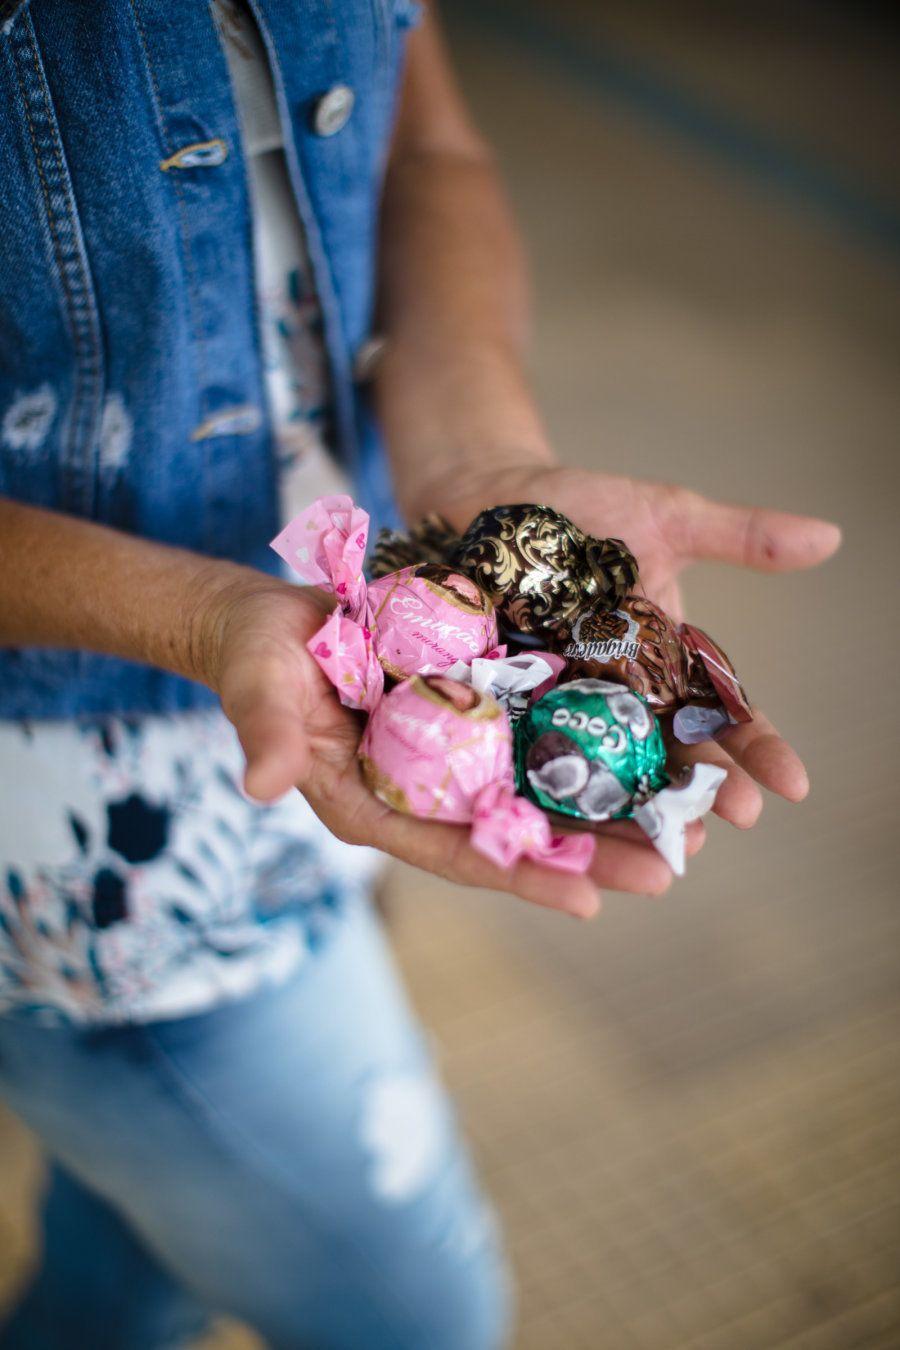 Com a venda das trufas, Francisca consegue se manter -- e, de quebra, levar alegria para quem